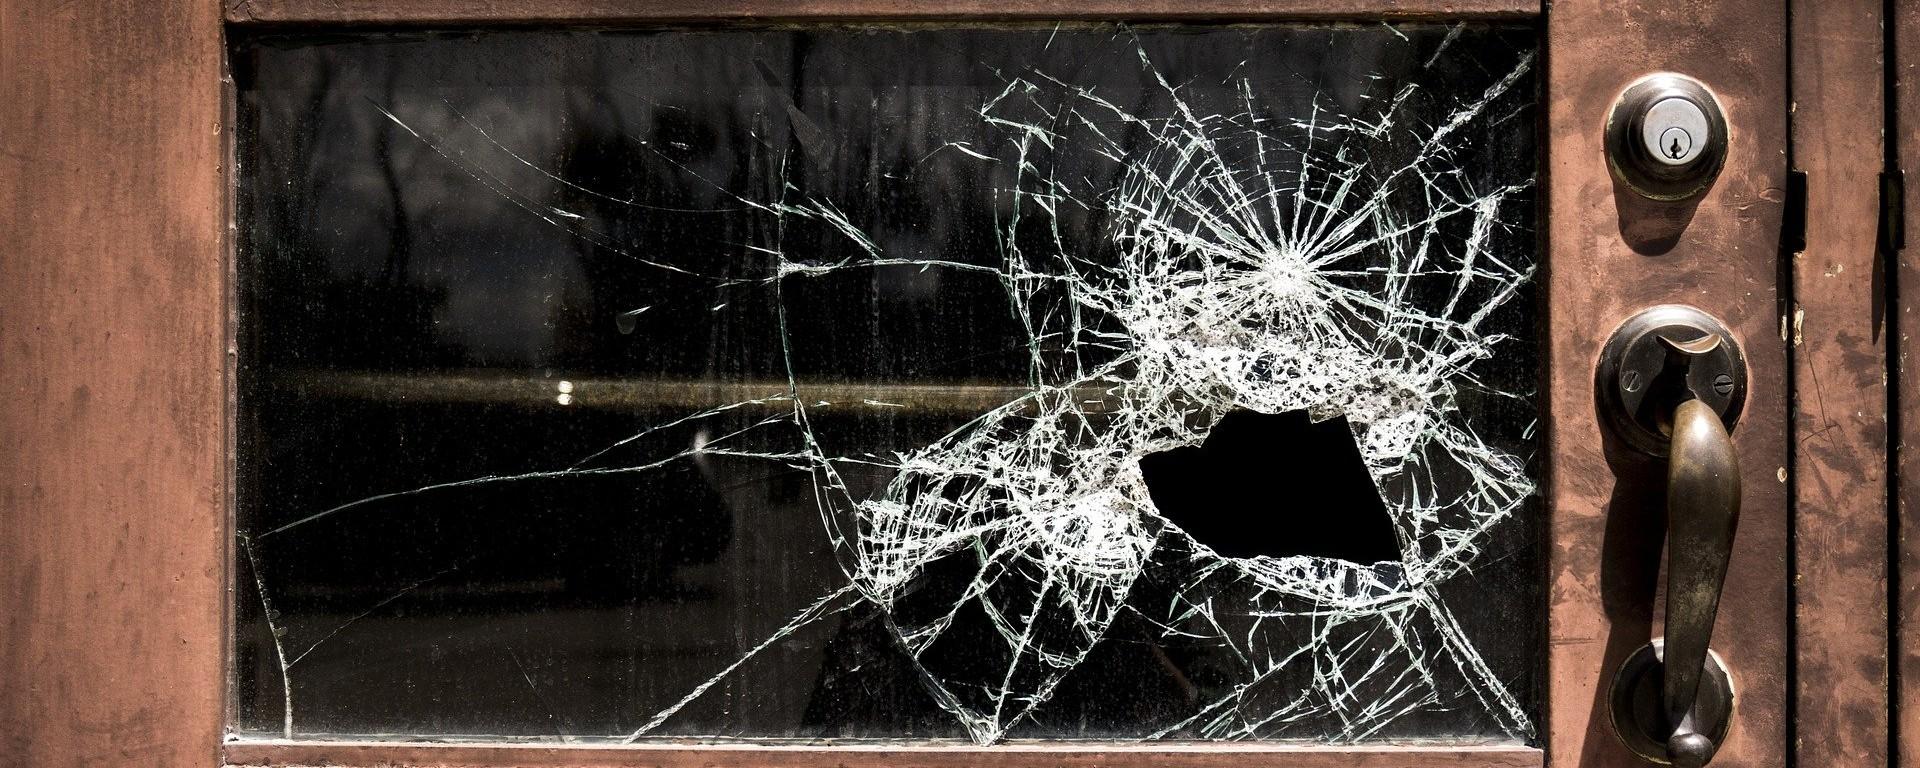 Broken Glass on Front Door from Break-in